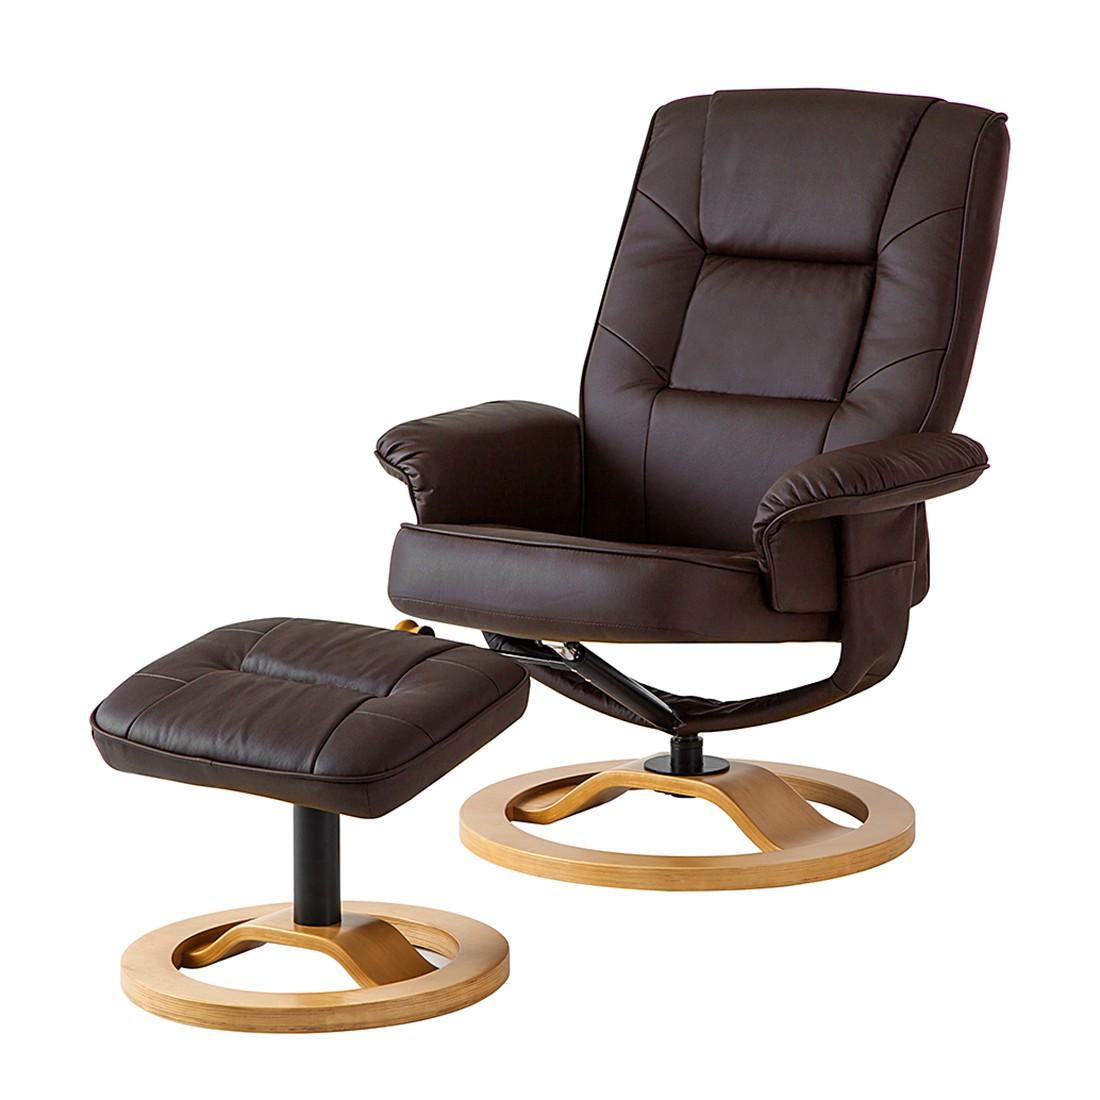 Relaxsessel Montreal (mit Hocker) – Kunstleder Braun, Nuovoform kaufen